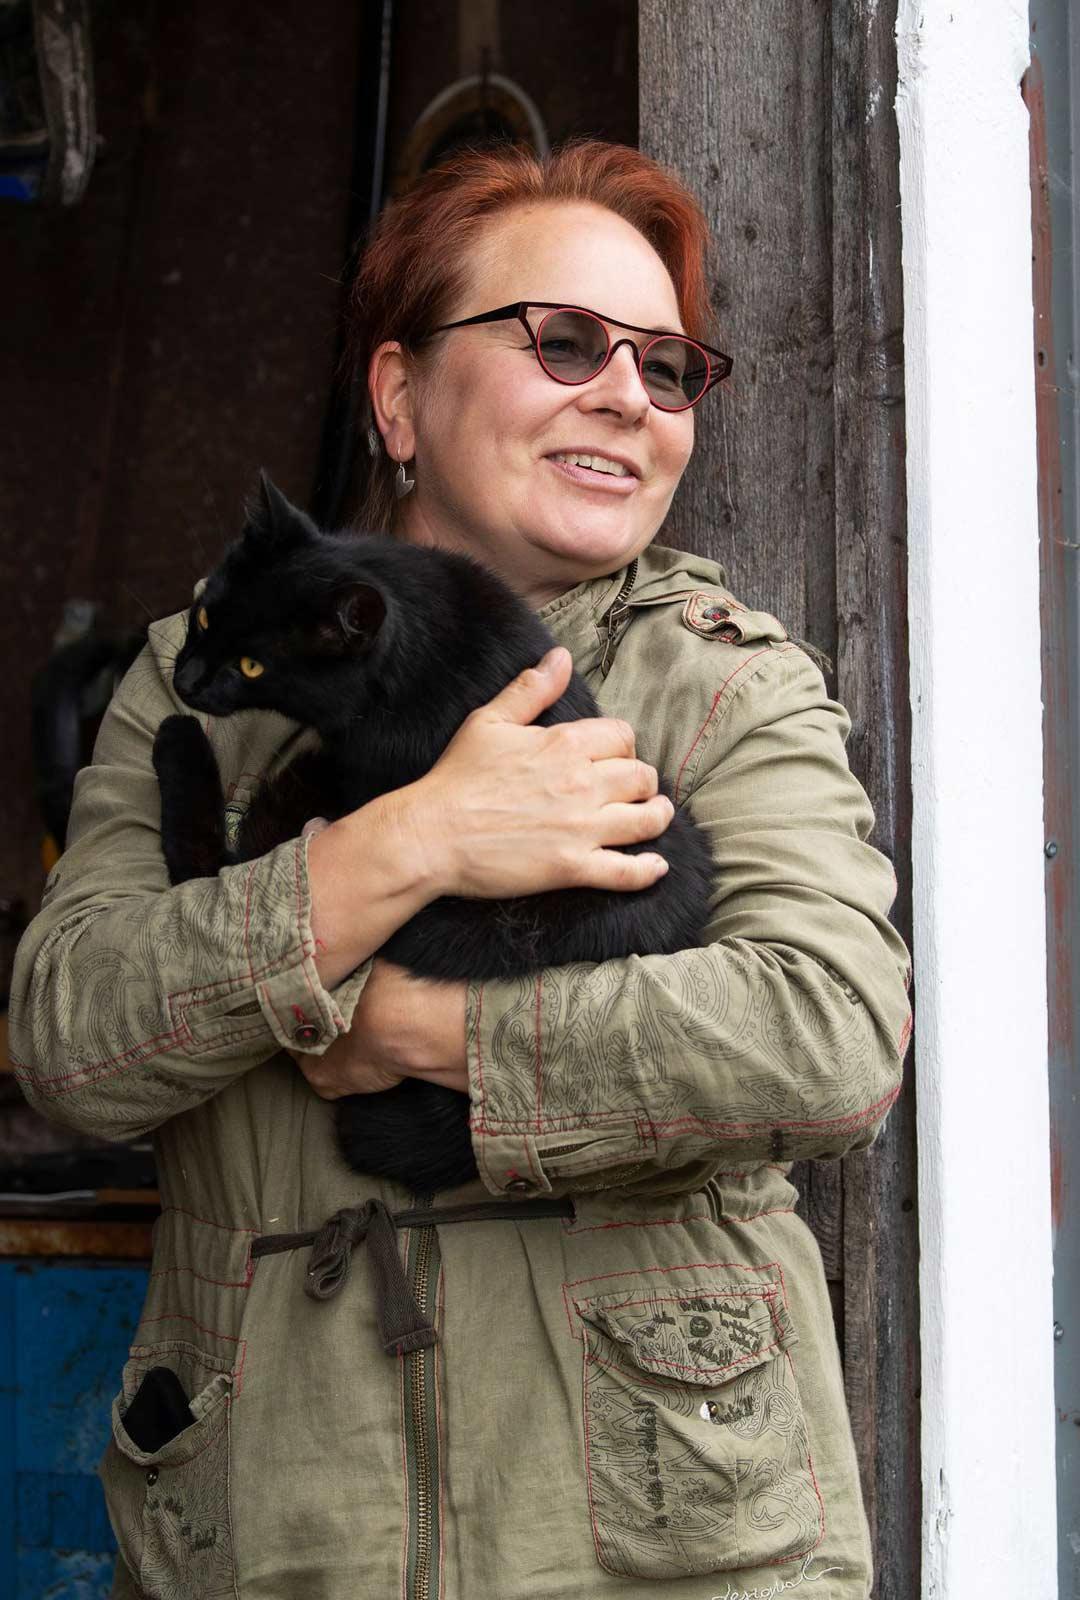 """Hevoskärryonnettomuus vei Ulla Hukan huikealle matkalle itseensä. Nyt hän uskaltaa puhua peloistaan ja tunteistaan ääneen. """"Tärkeintä on mennä turvallisesti omia pelkojaan kohti. """""""